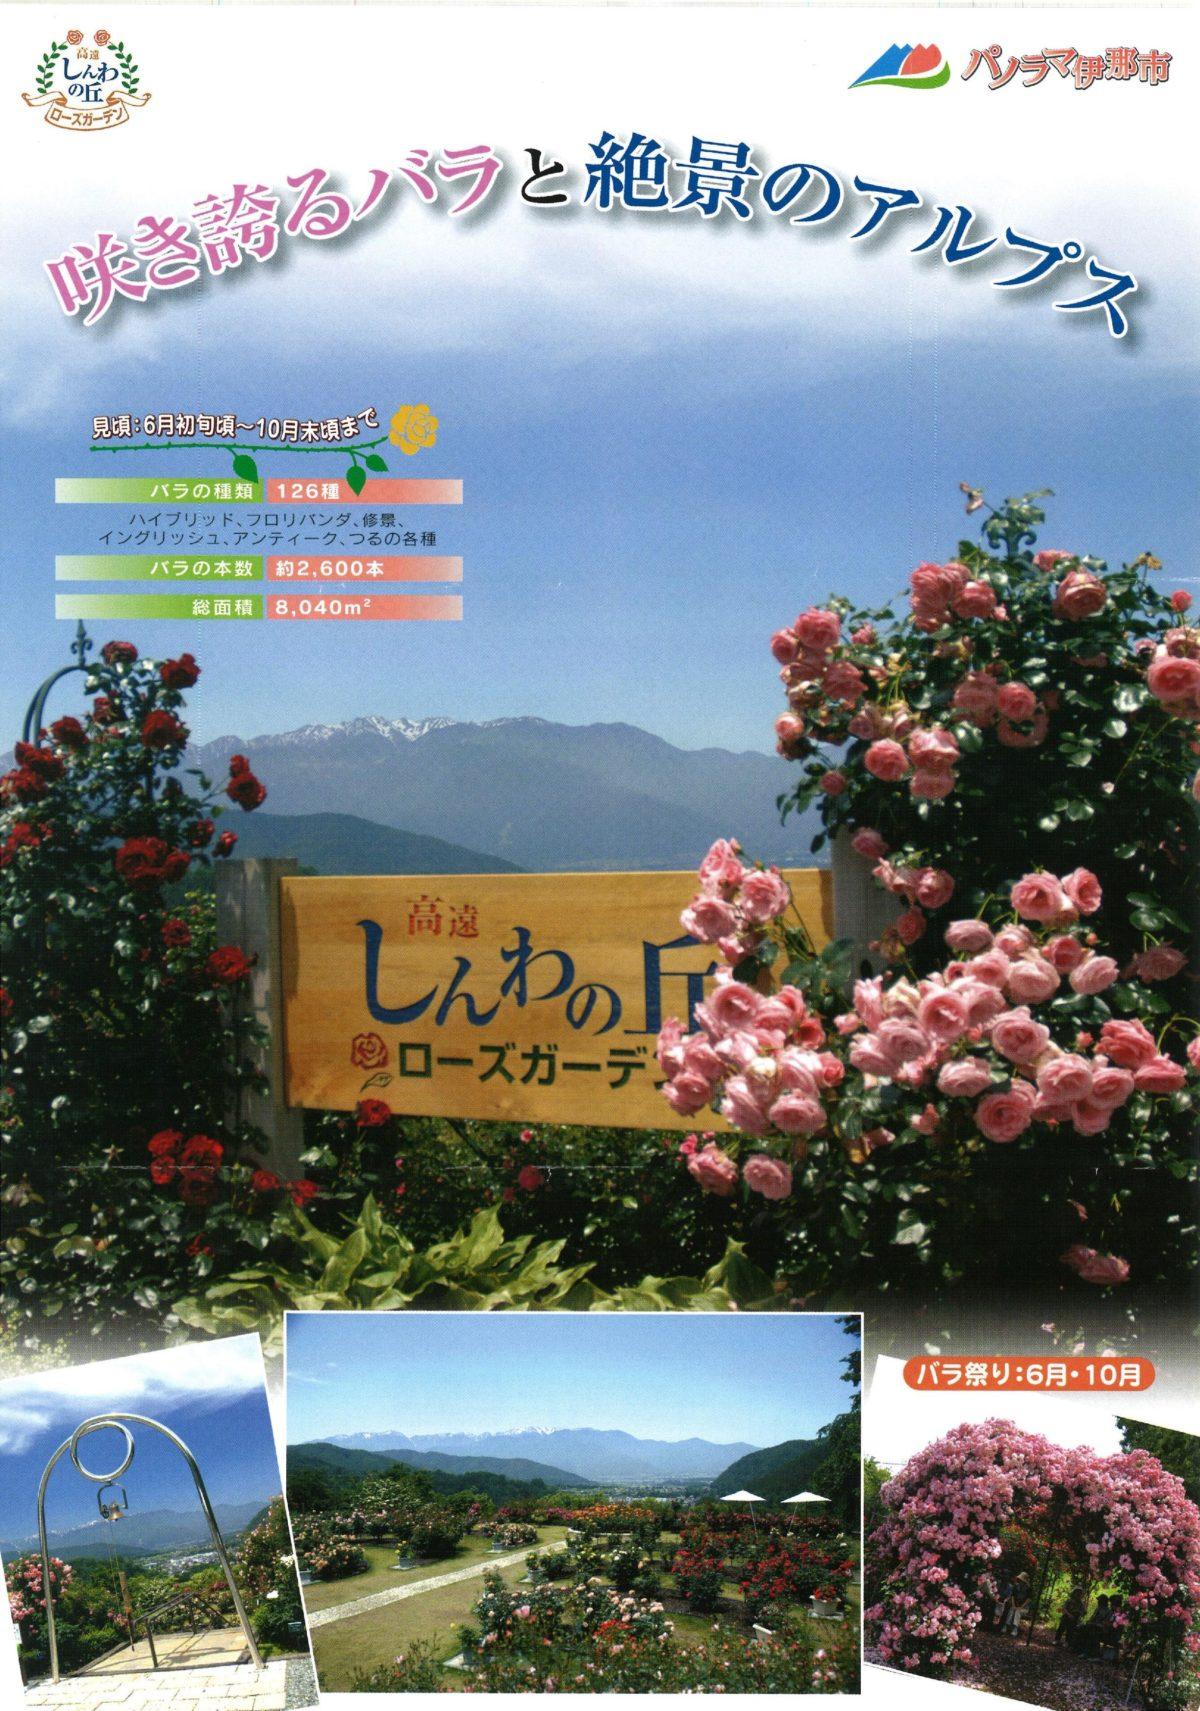 高遠しんわの丘ローズガーデン【イベント情報】